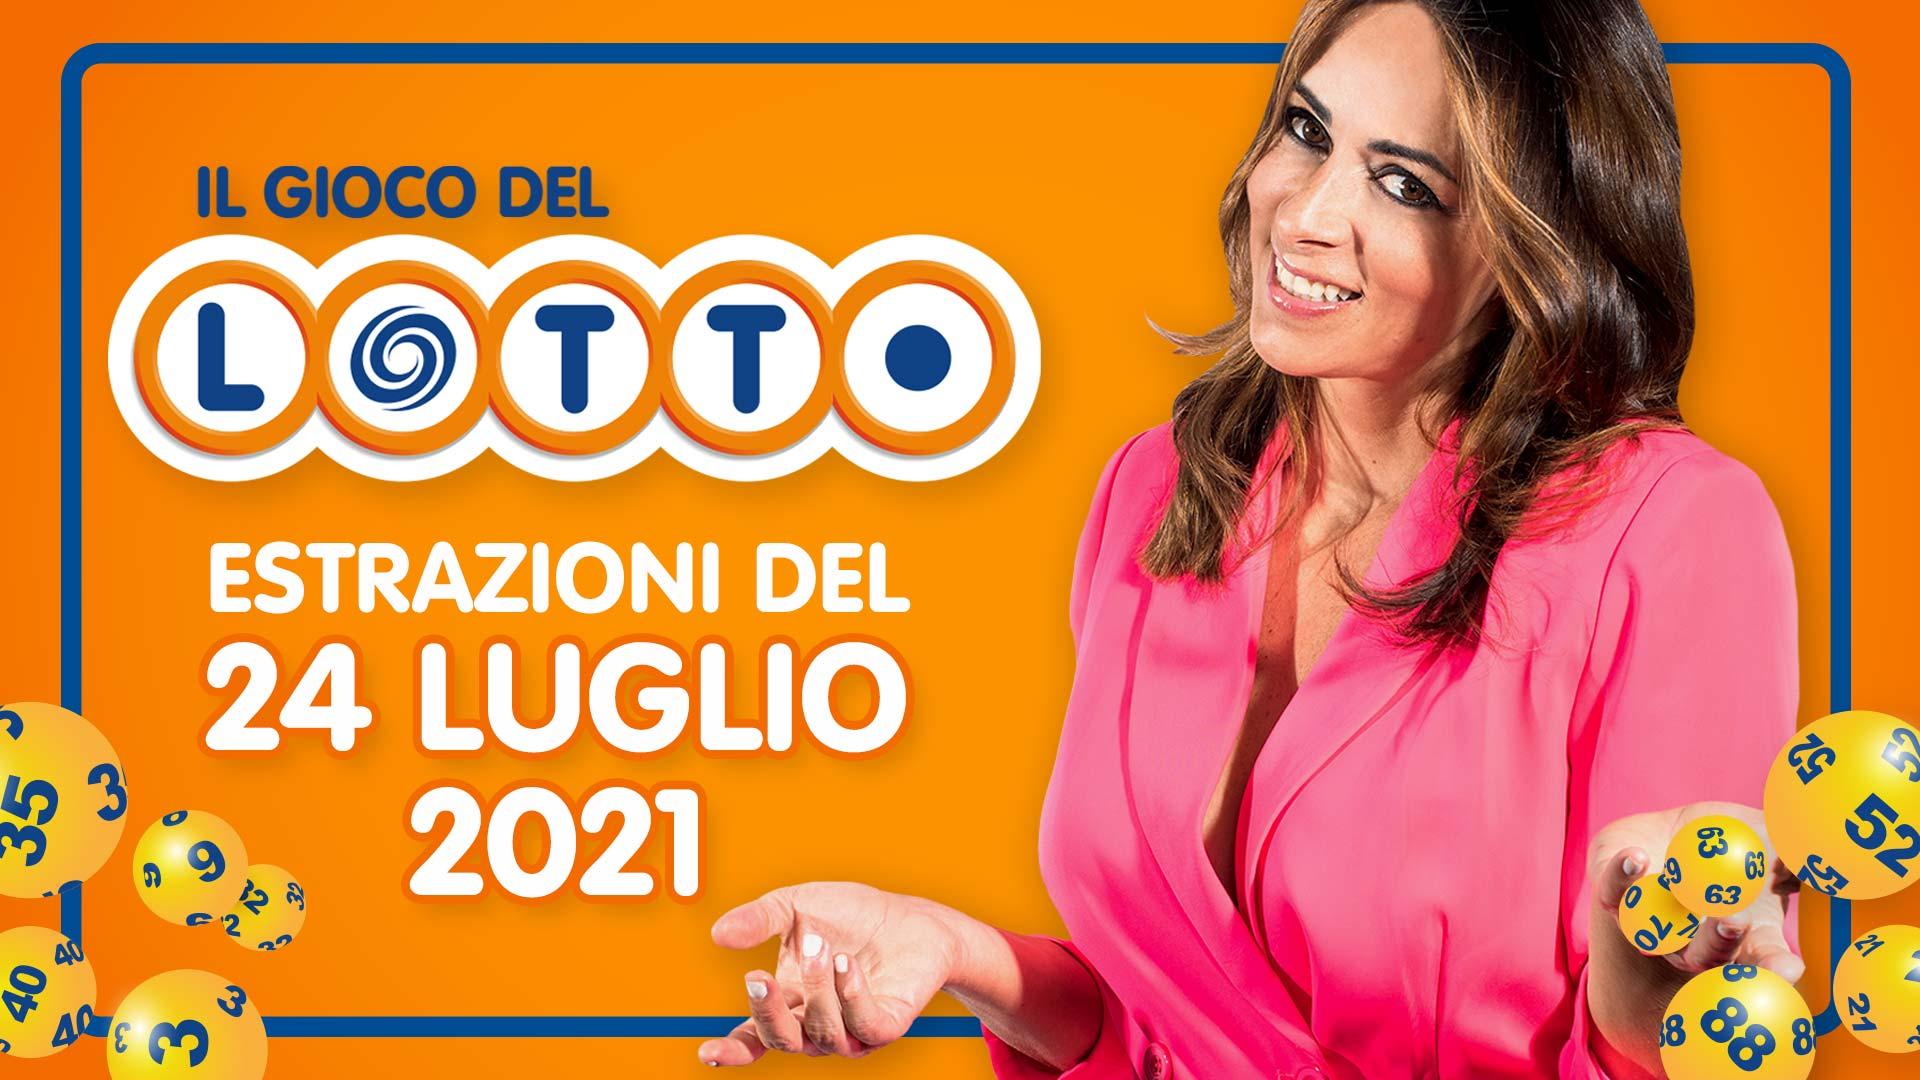 Estrazione lotto 24 luglio 2021 Lotto oggi sabato estrazione vincente superenalotto oggi 10elotto serale simbolotto numeri vincenti ufficiali verifica vincite conduce Serena Garitta in diretta